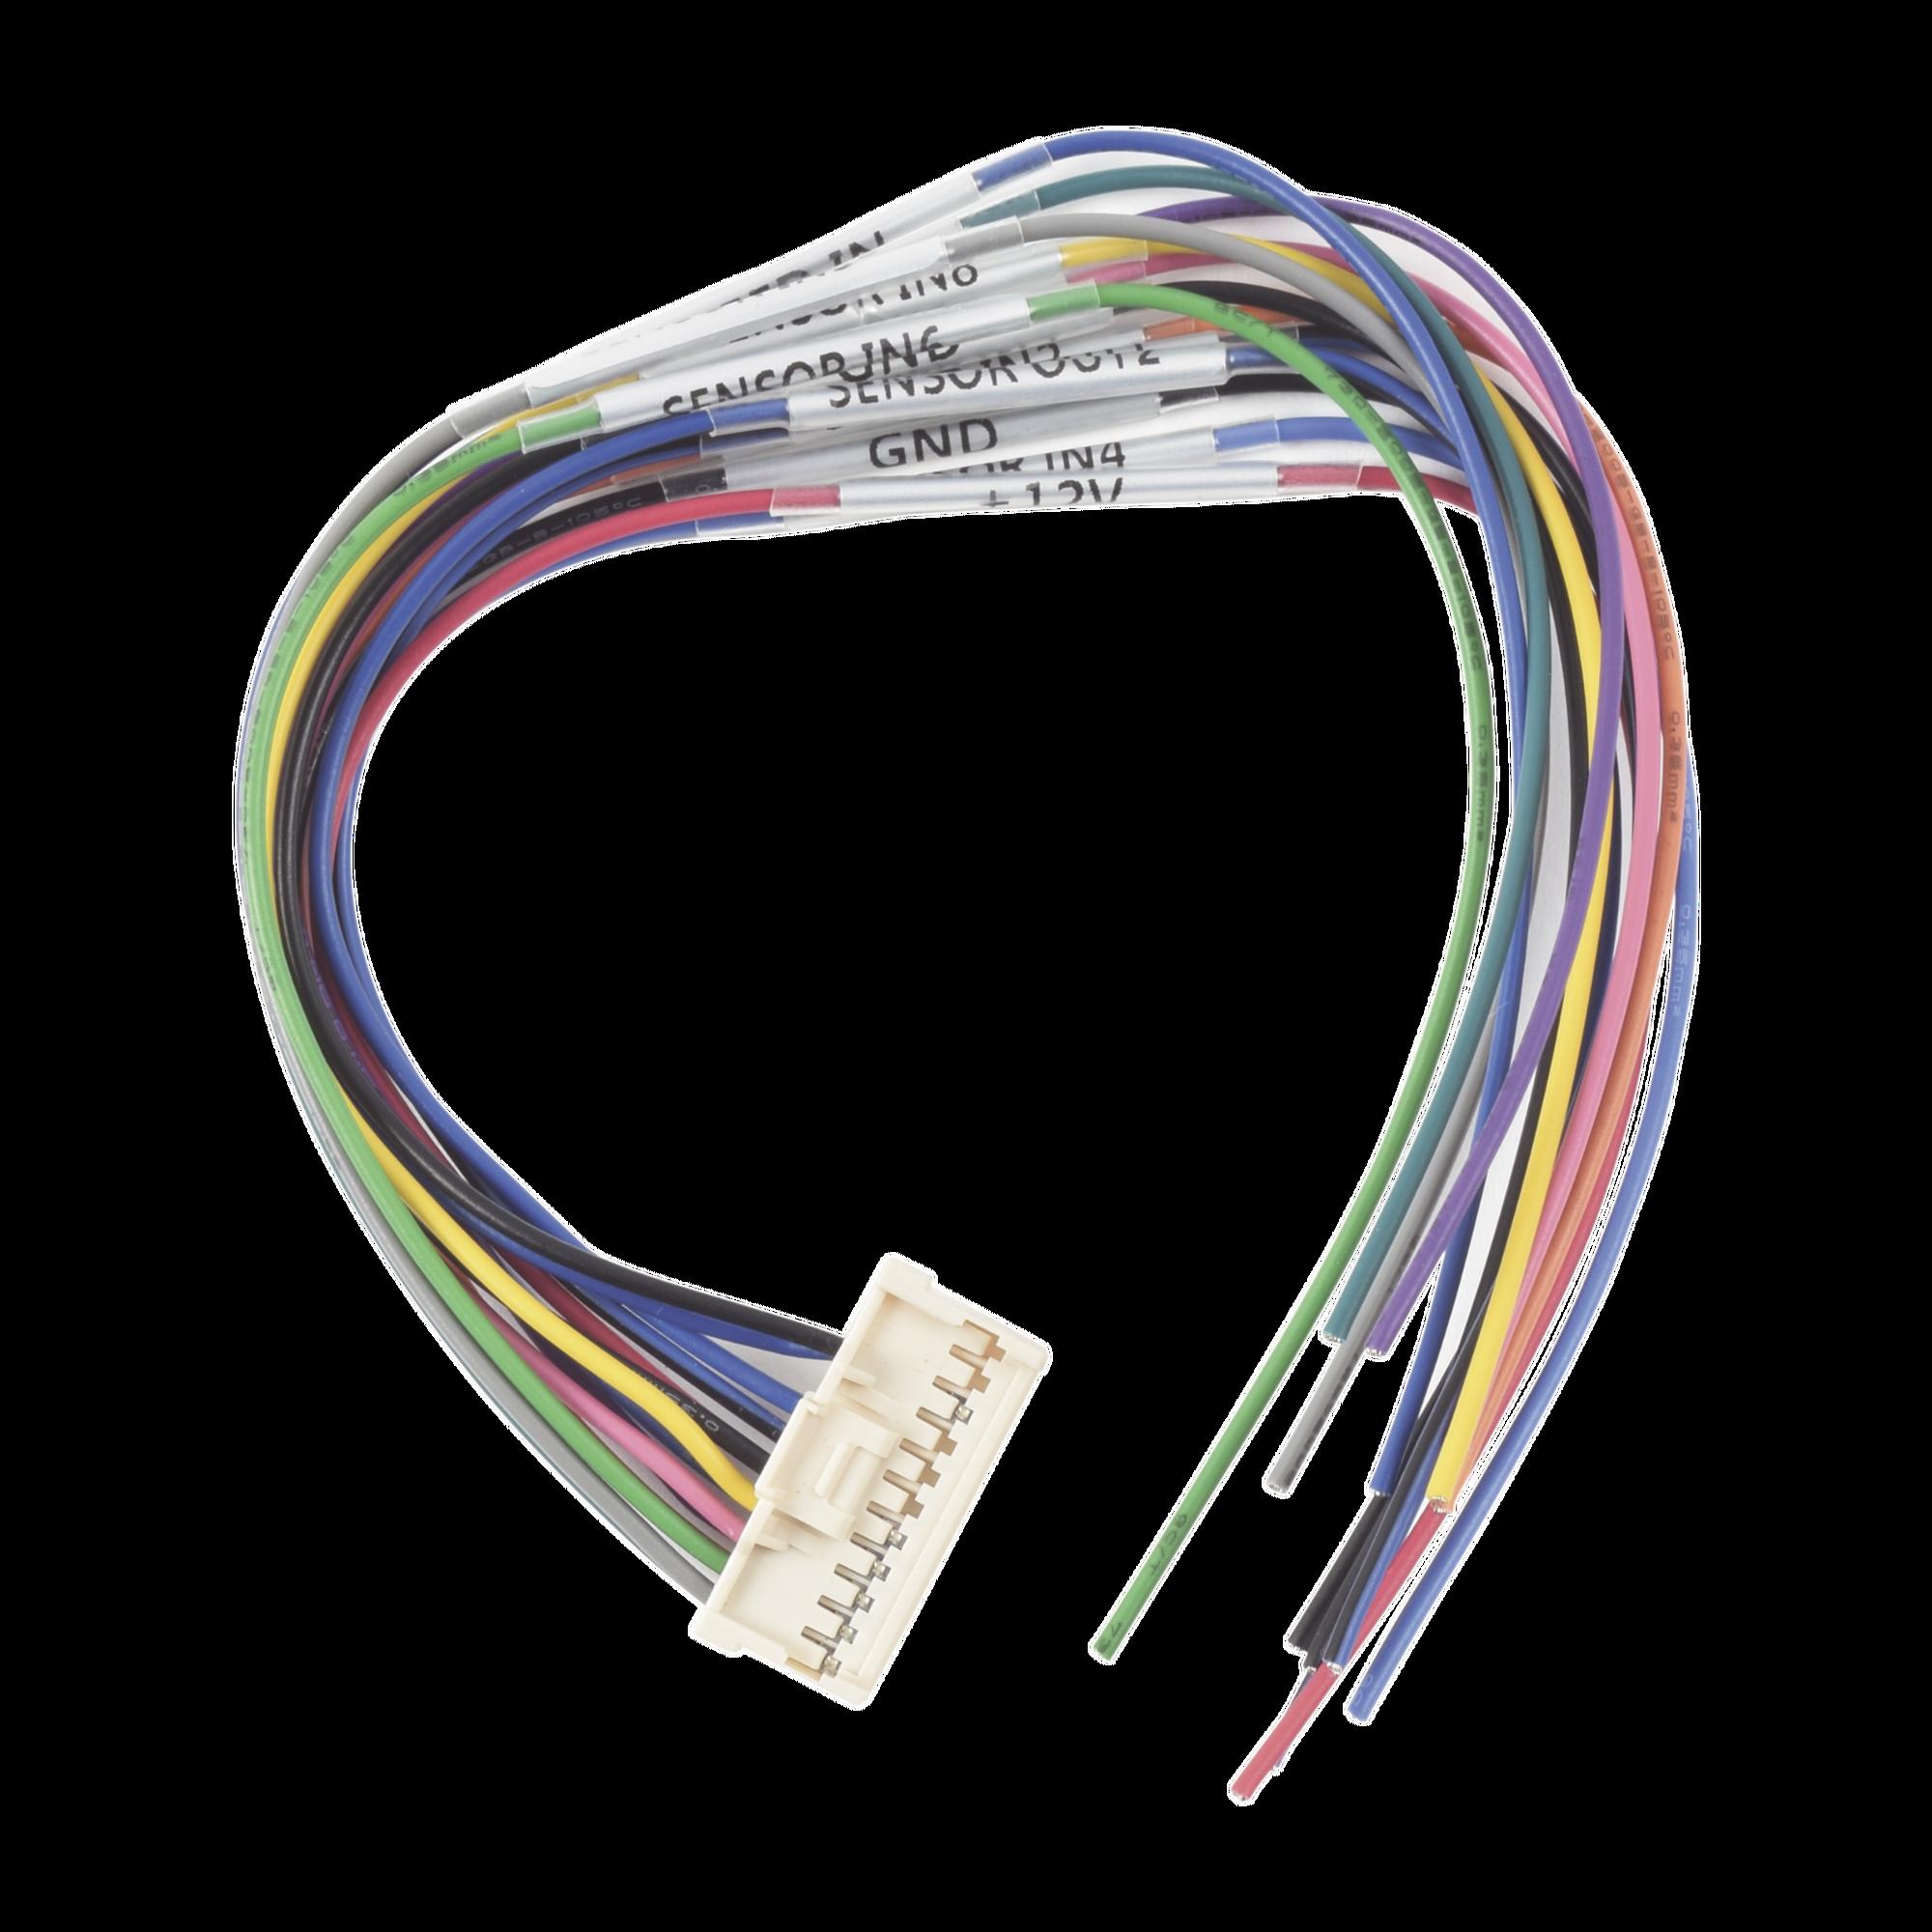 Modulo de alarma, consta de 8 entradas y dos salidas compatible con XMR404HD, XMR404AHD